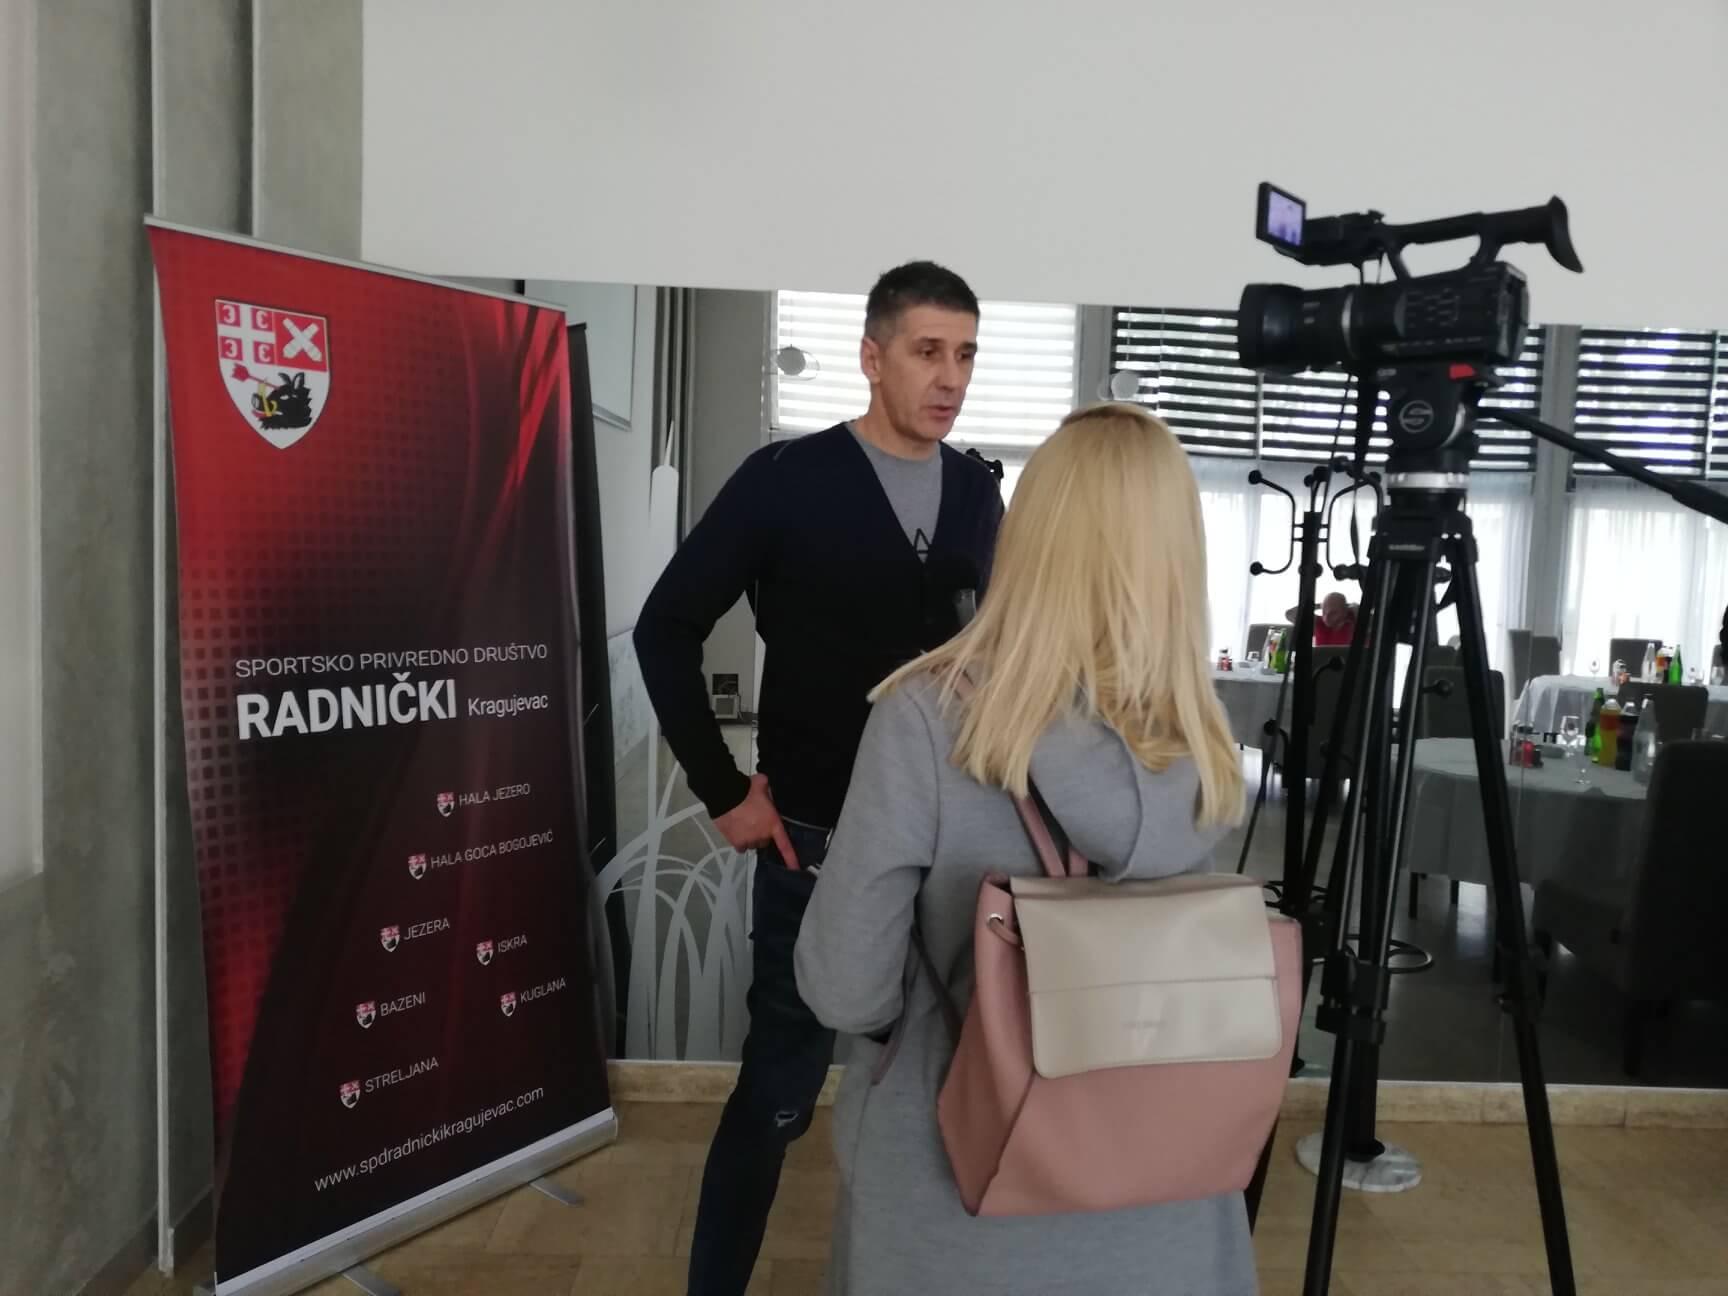 """Read more about the article Boba Kovač u Kragujevcu: """"Priprema utakmice u vrhunskoj odbojci"""""""